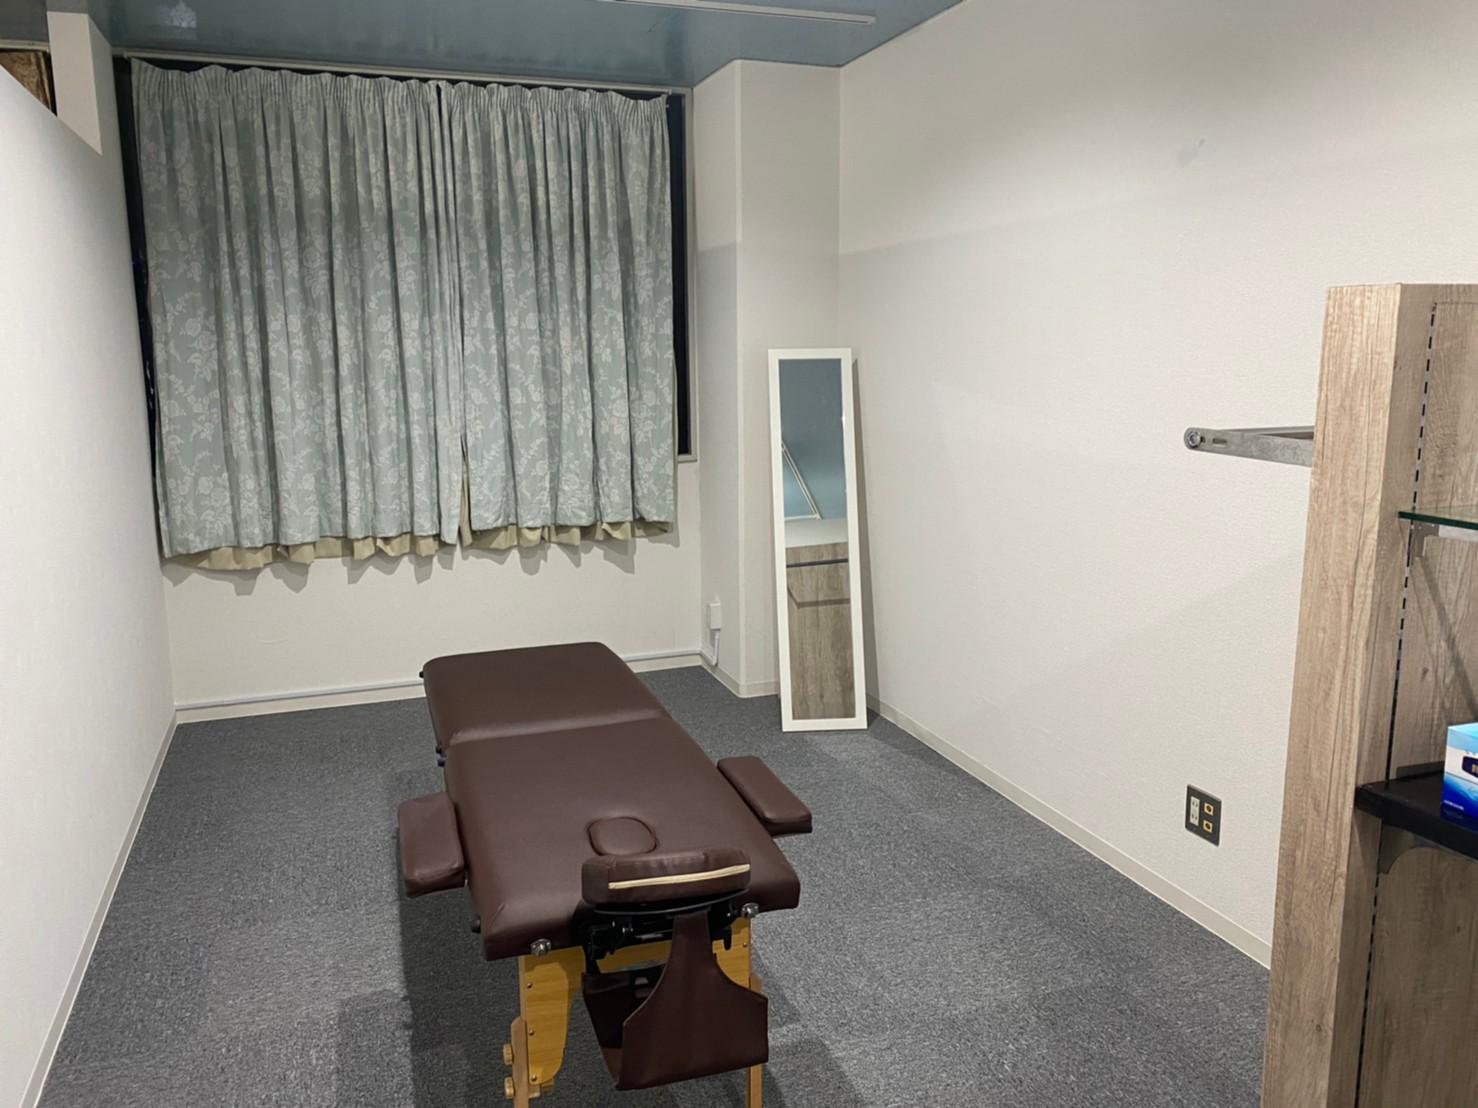 南向きの明るい御部屋になりますが、外部からの室内への視線が気になる場合はカーテンをお閉め下さい。 - ぽっぽスタイル Room Bの室内の写真